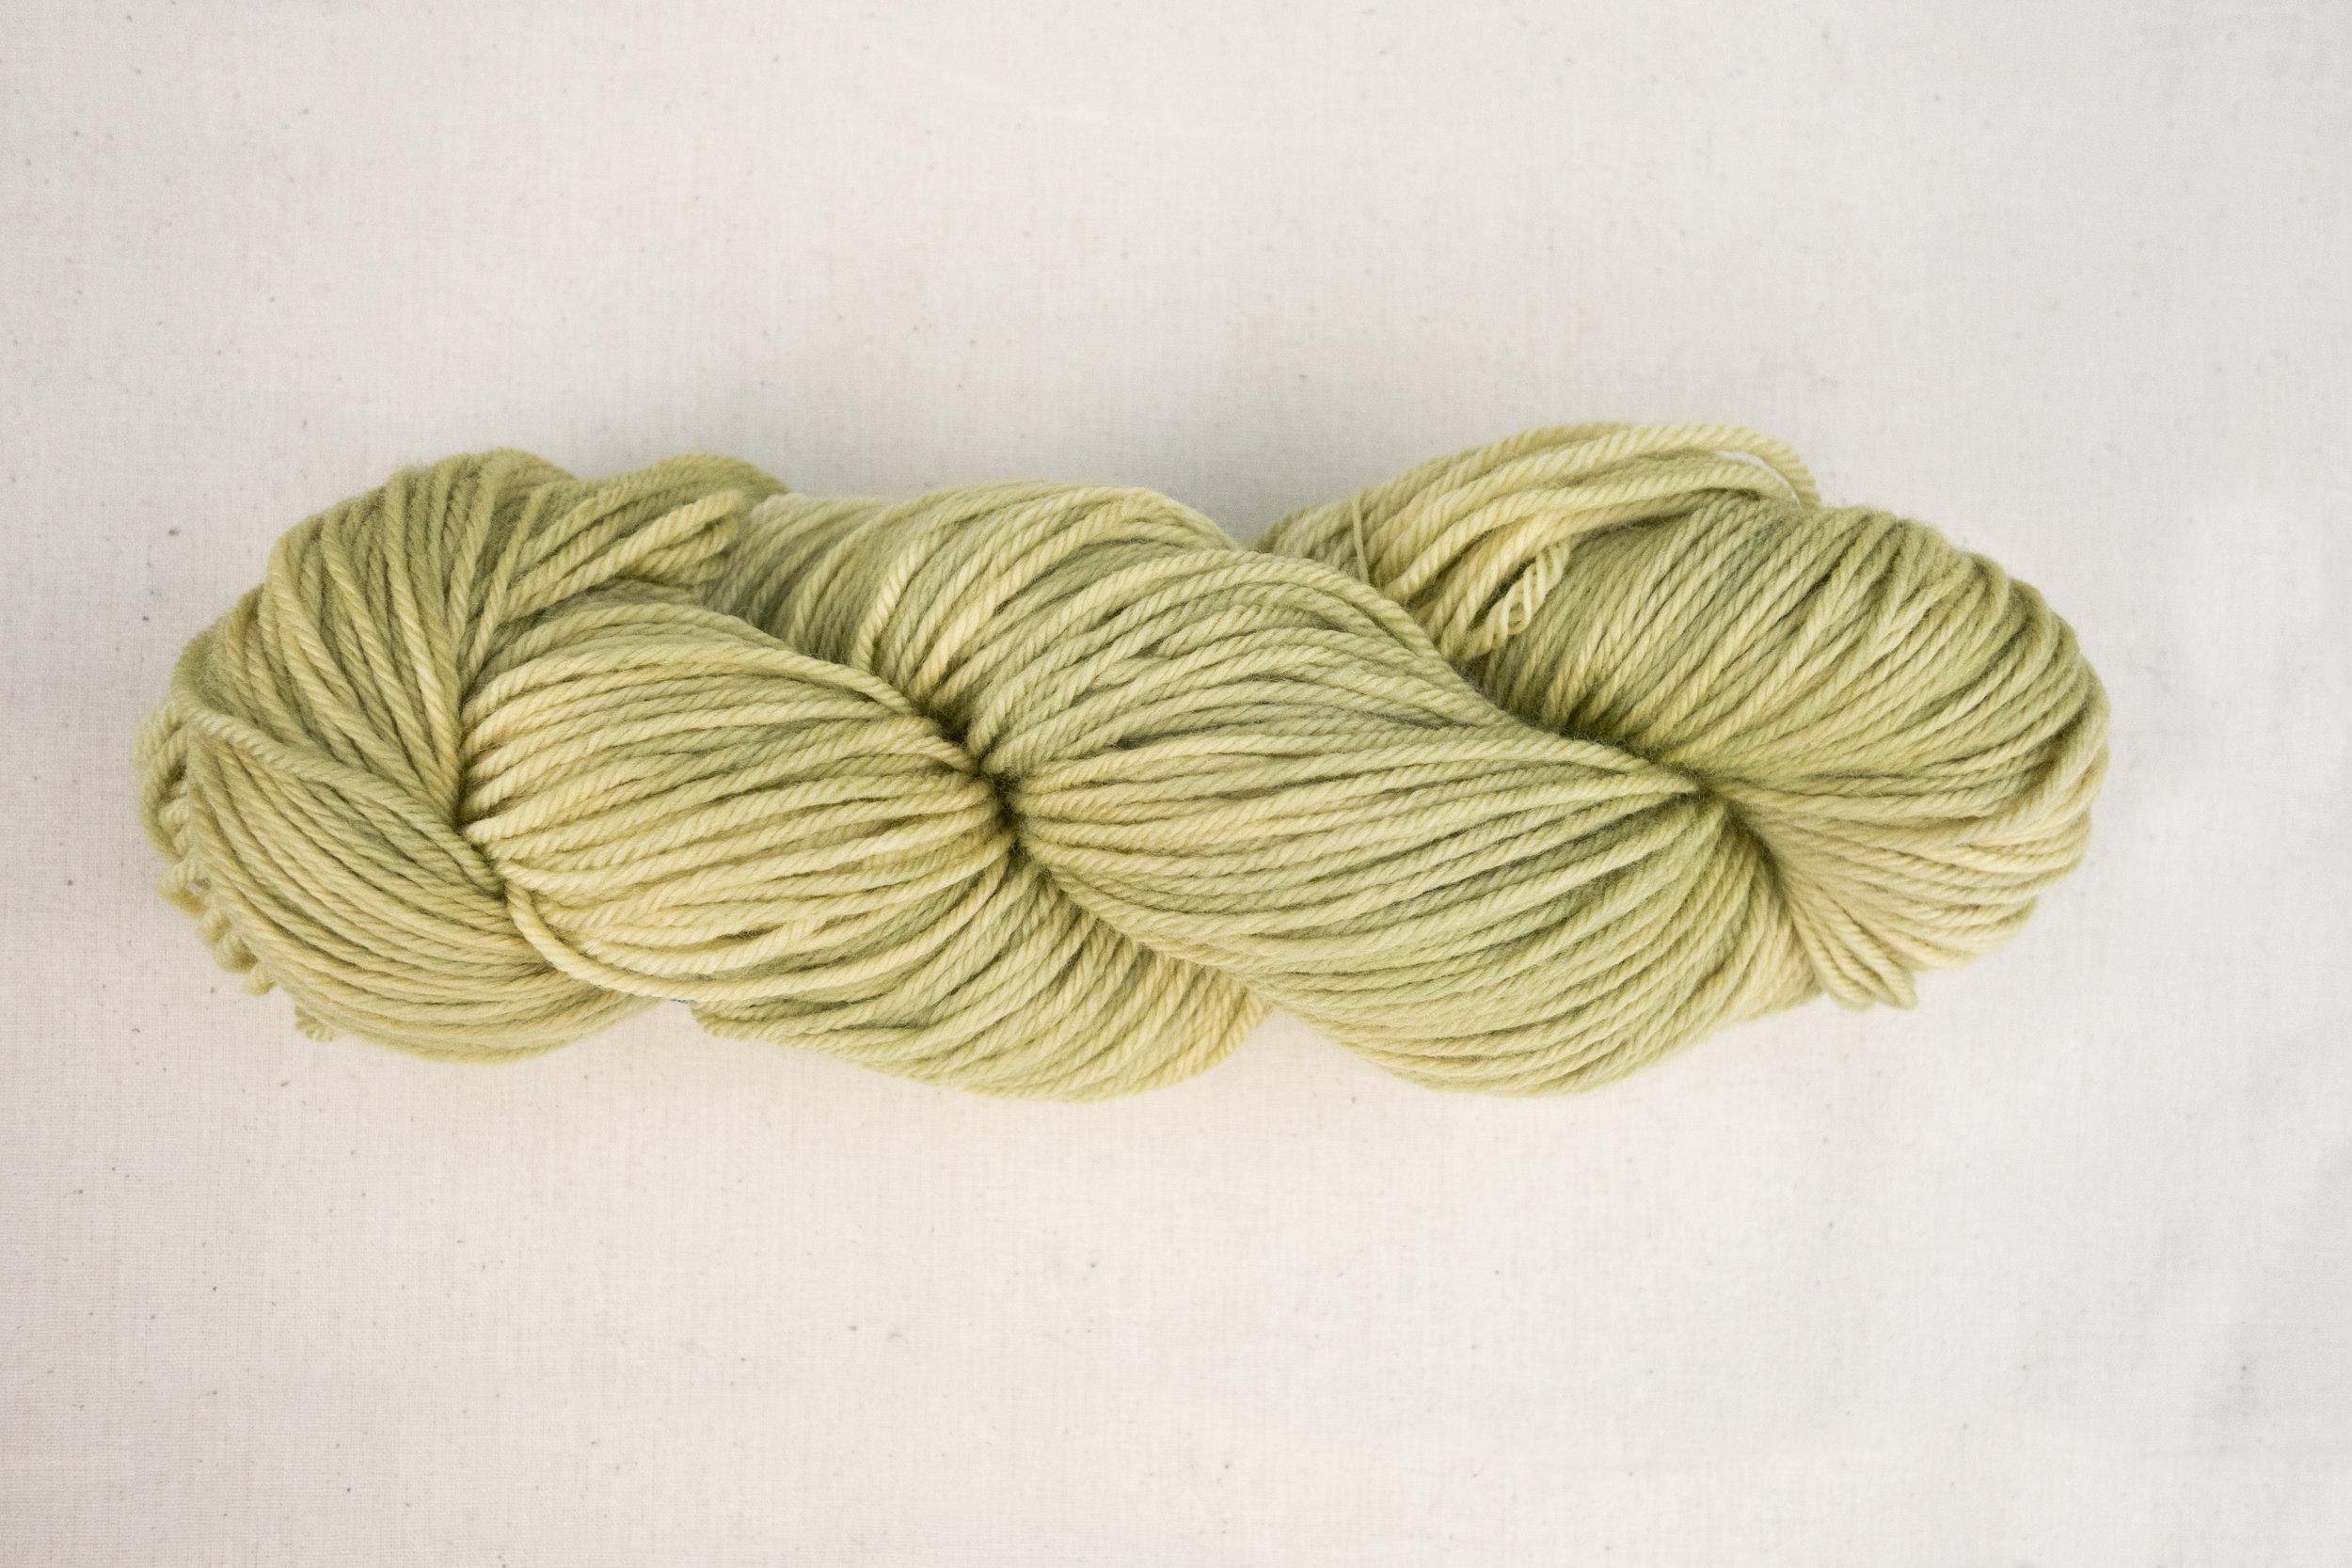 Dyed_9October_Sea Fan Yellow_Knit Picks Swish_1.jpg